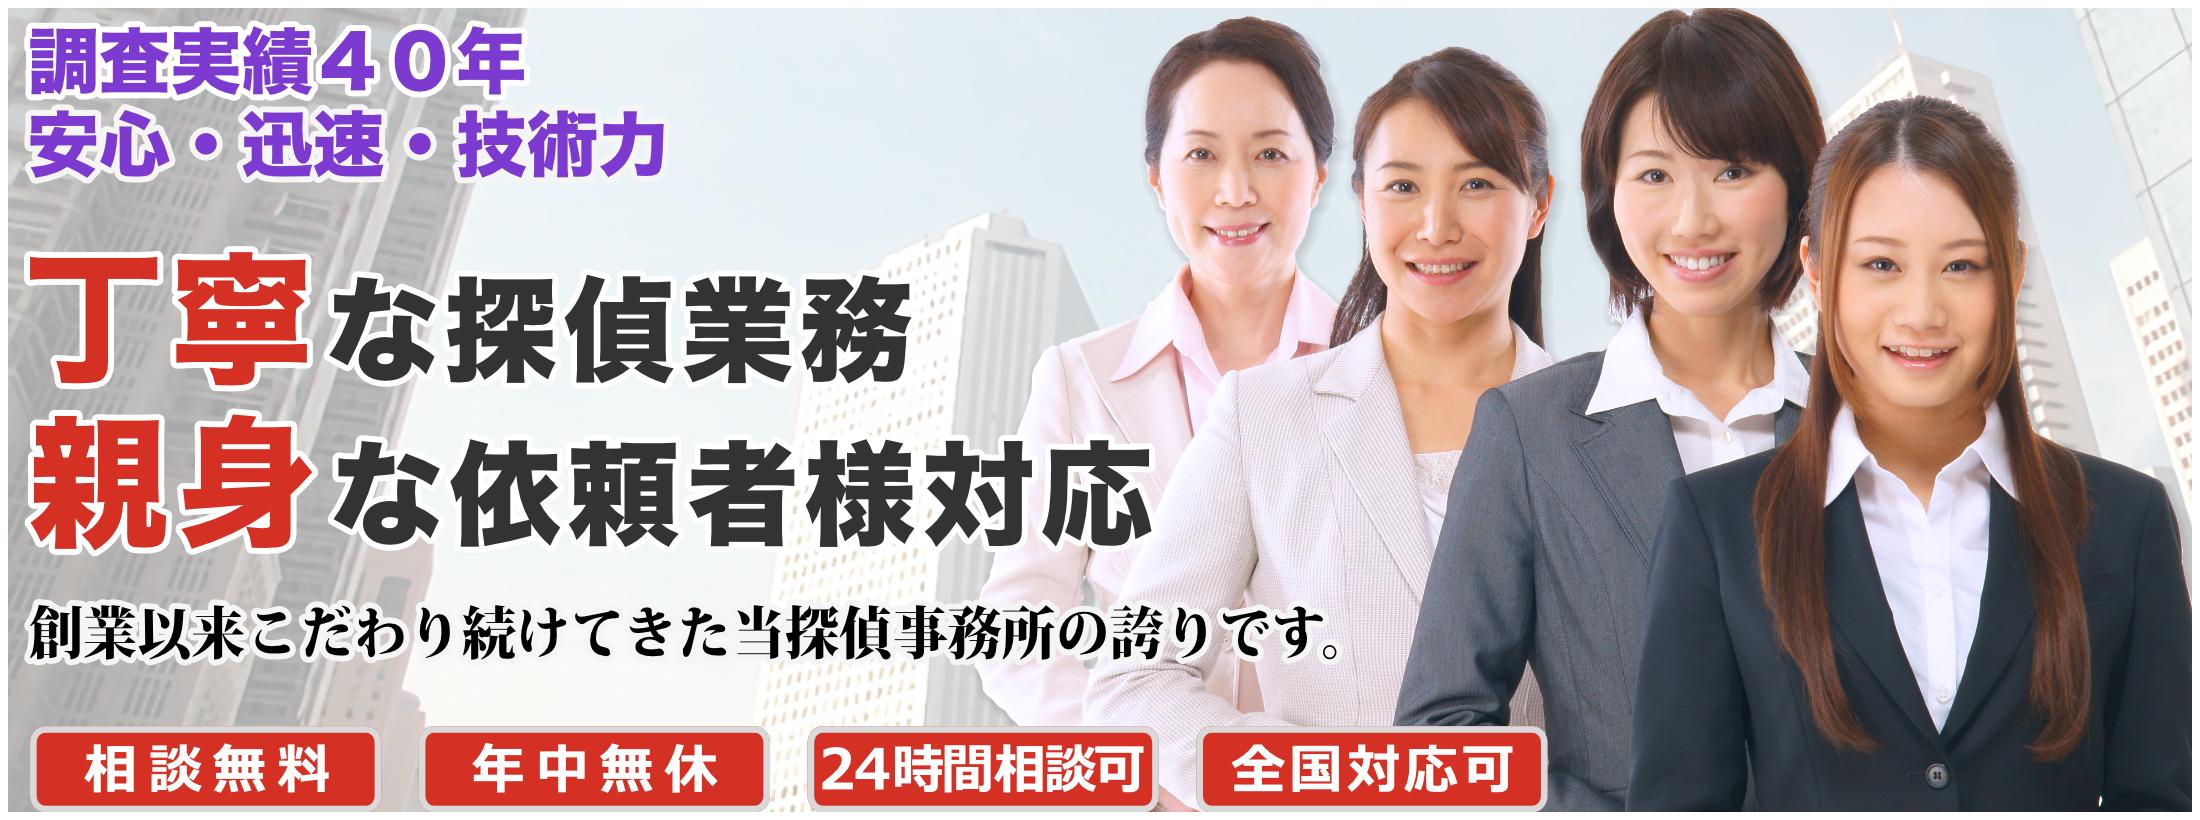 探偵興信所 東京 新宿